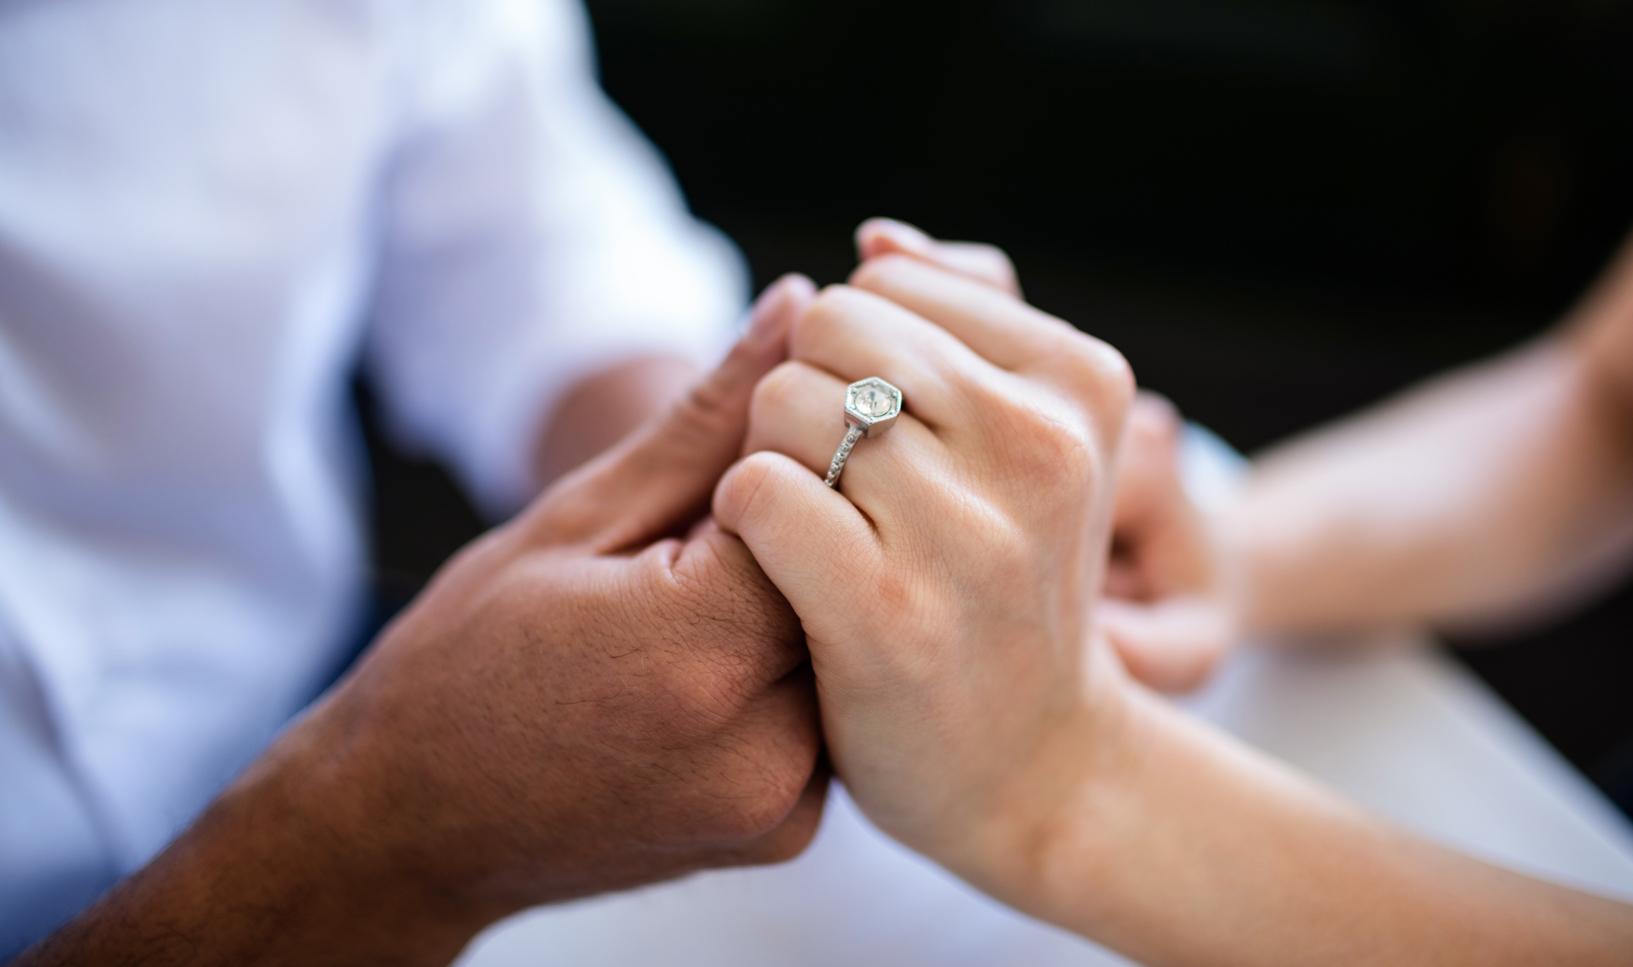 POMÓŻ w odnalezieniu właścicielki pierścionka  - Zdjęcie główne